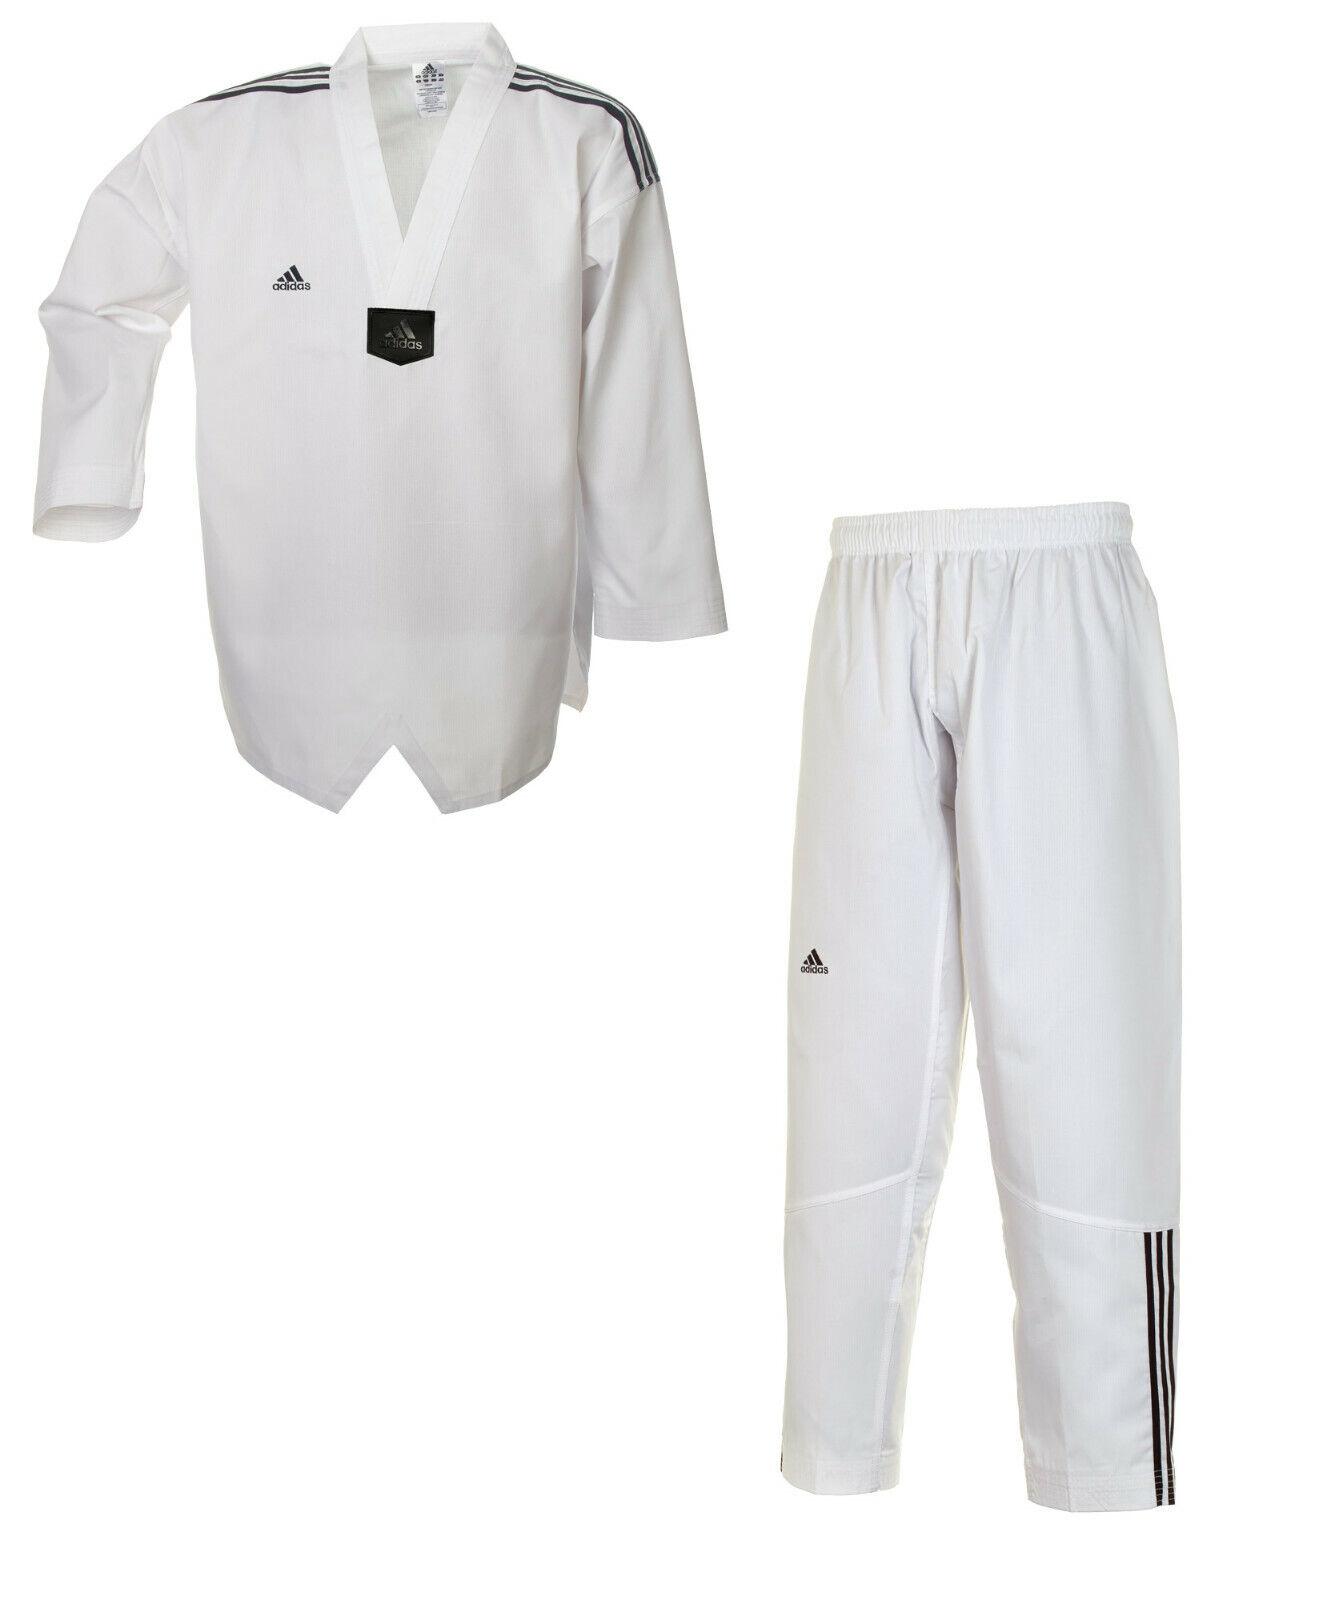 ADIDAS Taekwondo Anzug  TKD ADICLUB weißes Revers / Dobok / ADITCB02